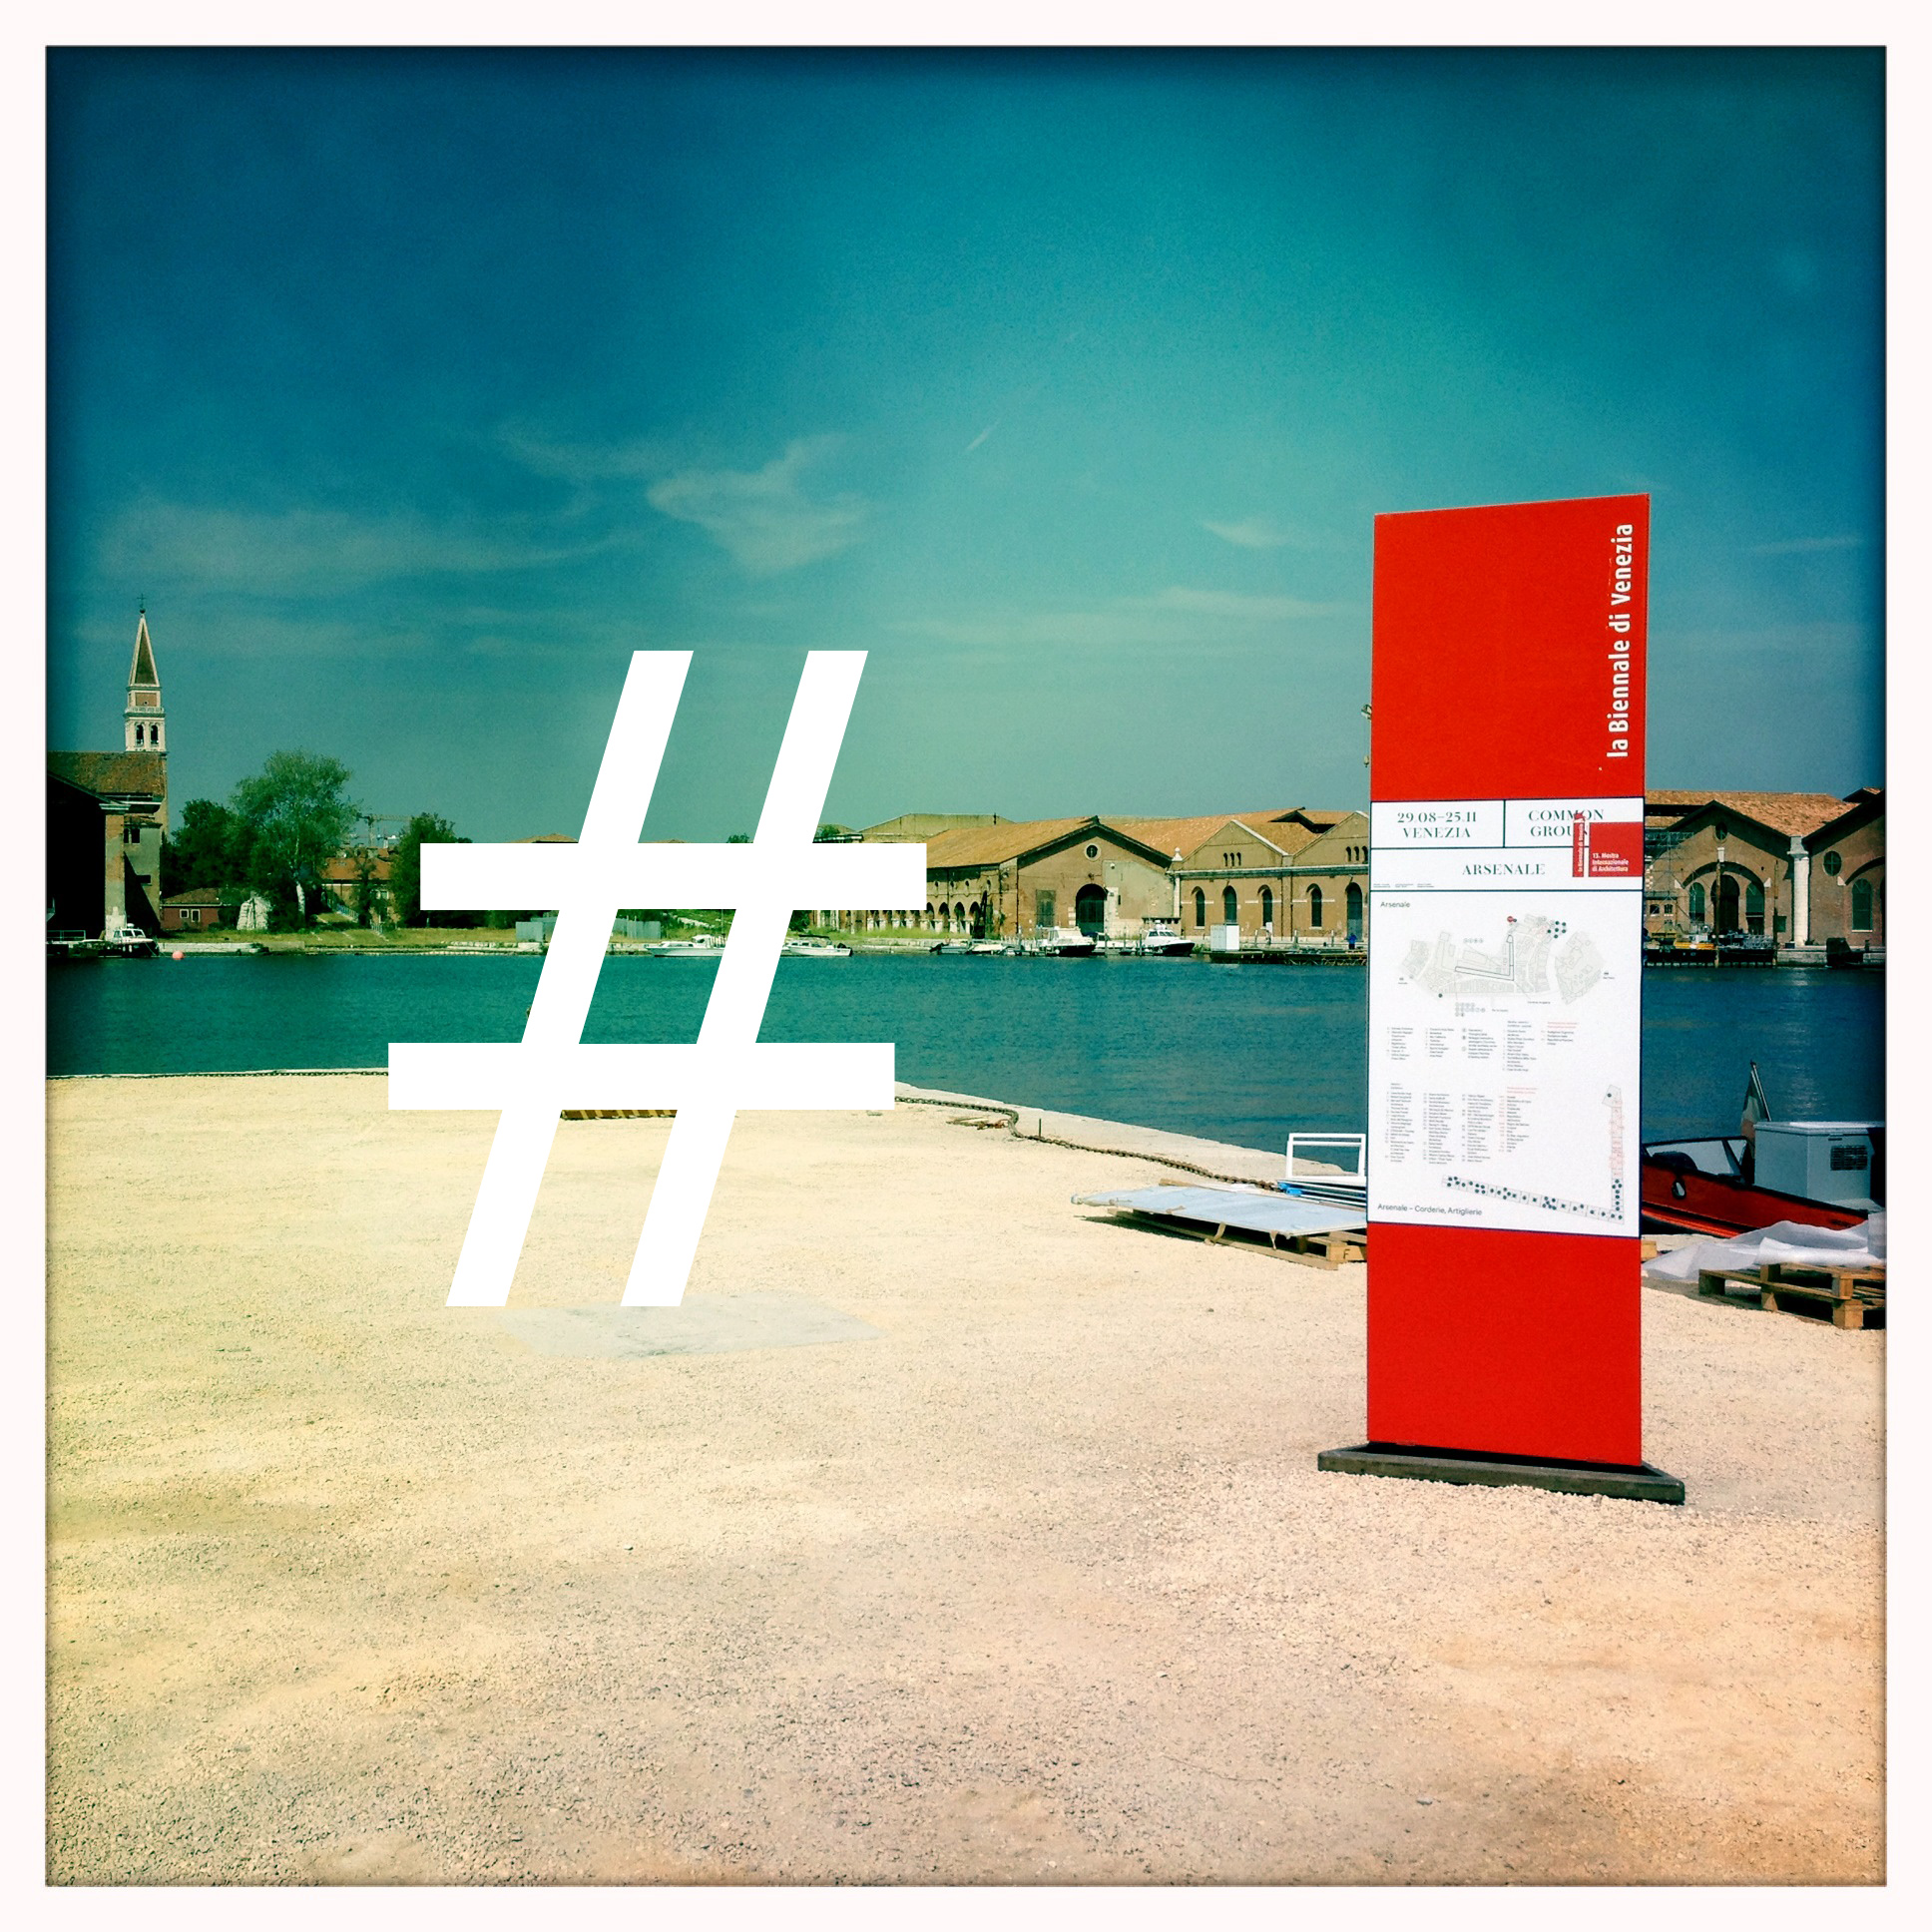 U10 alla Biennale di Venezia